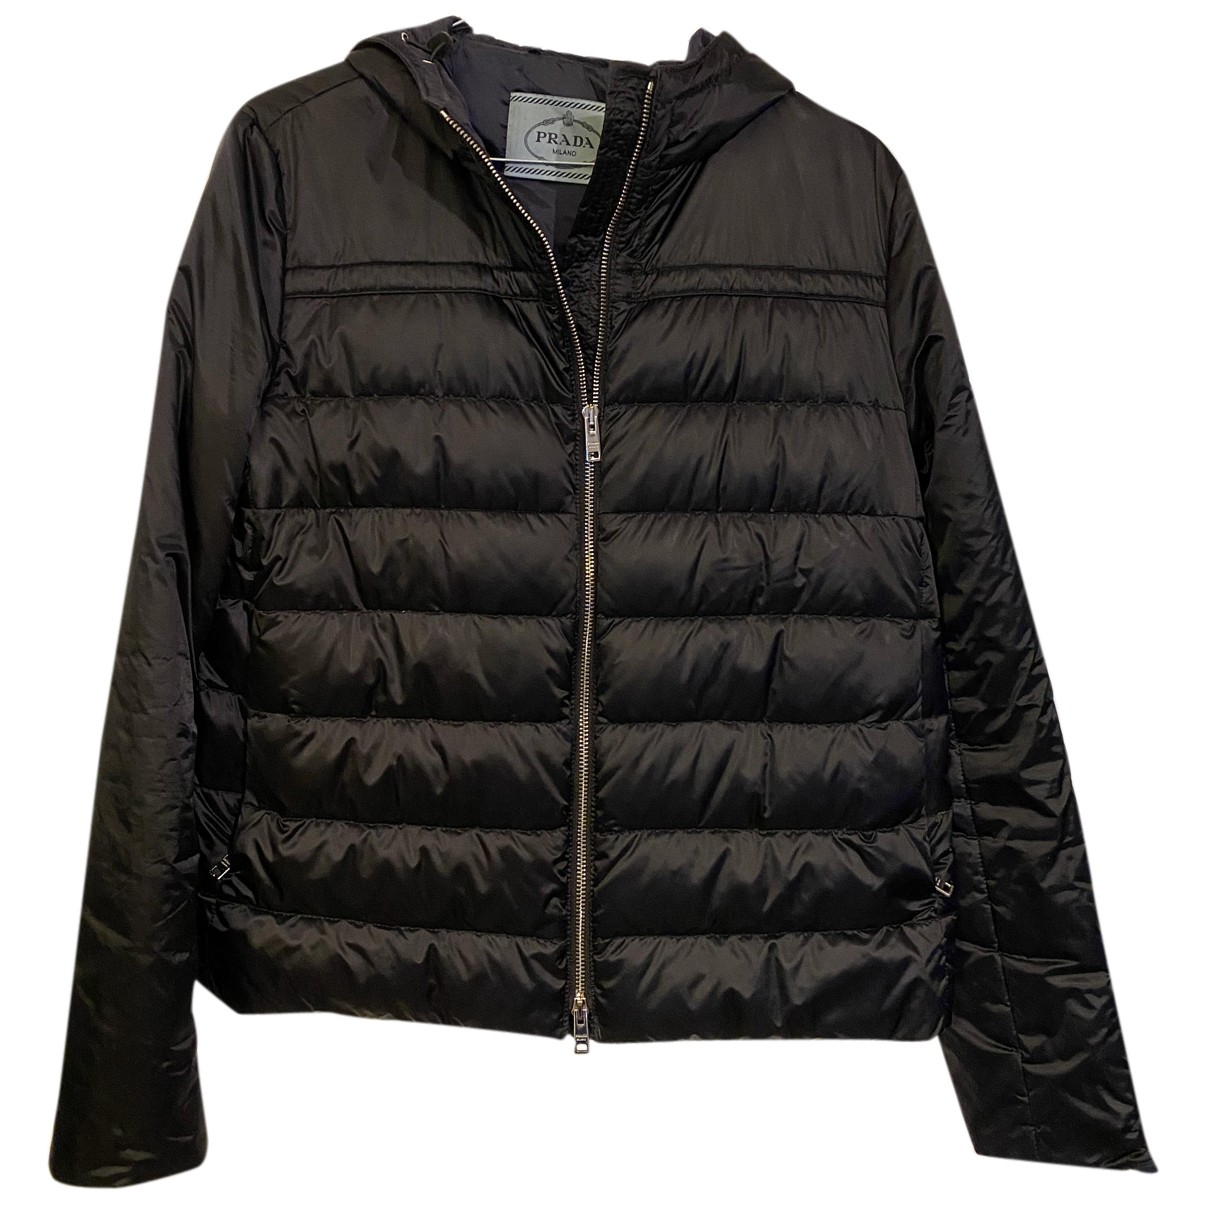 Prada - Manteau   pour femme - marine